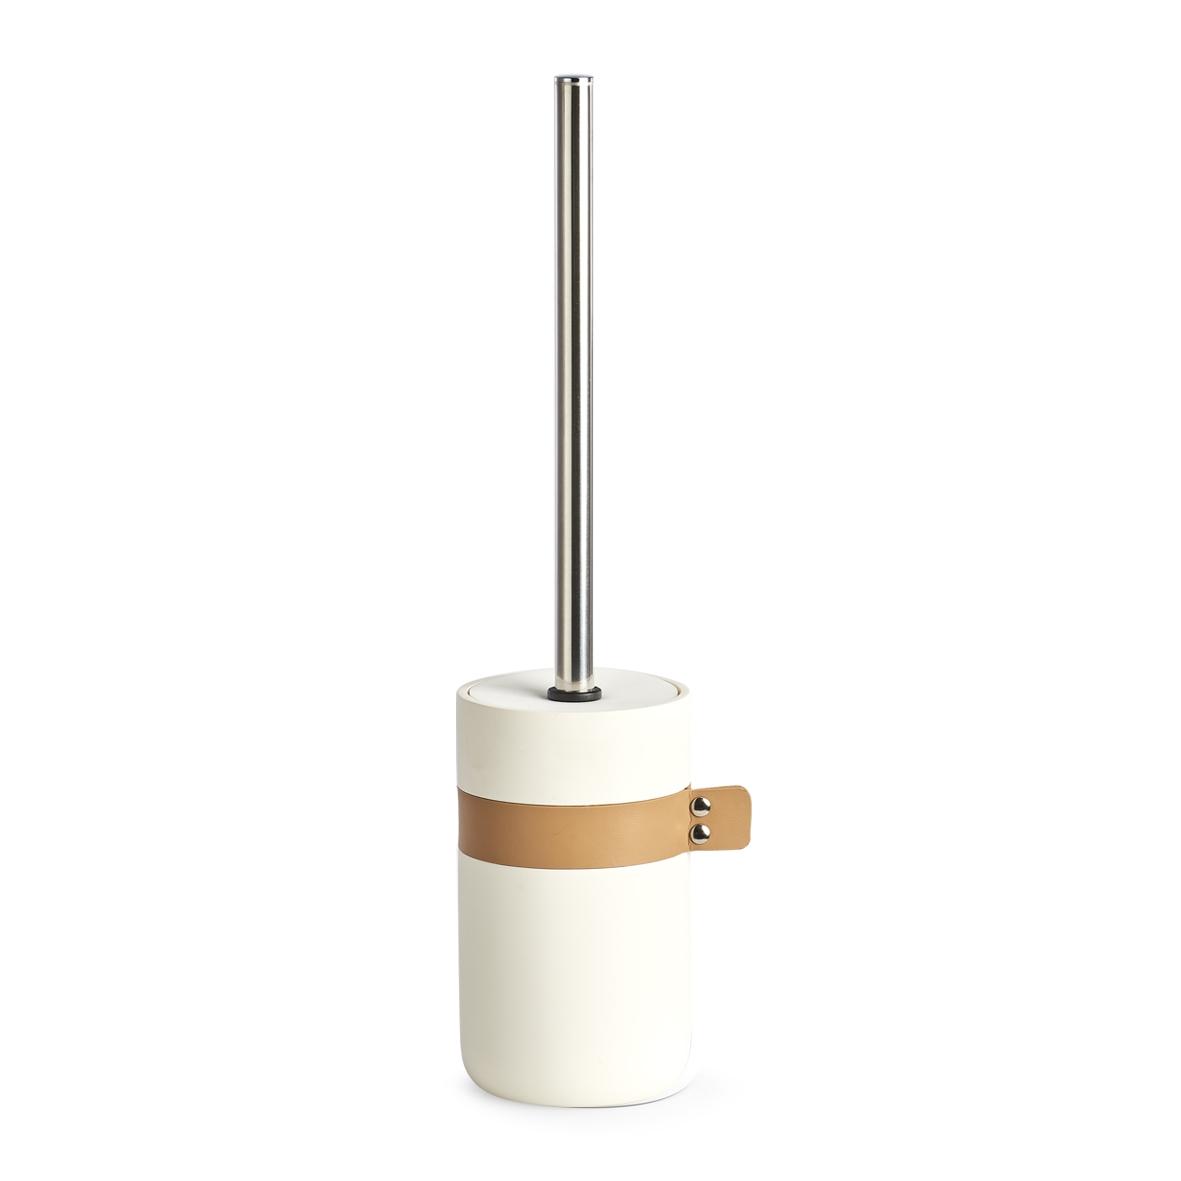 Perie de toaleta cu suport din polirasina, Leather Crem, Ø9,2xH40 cm